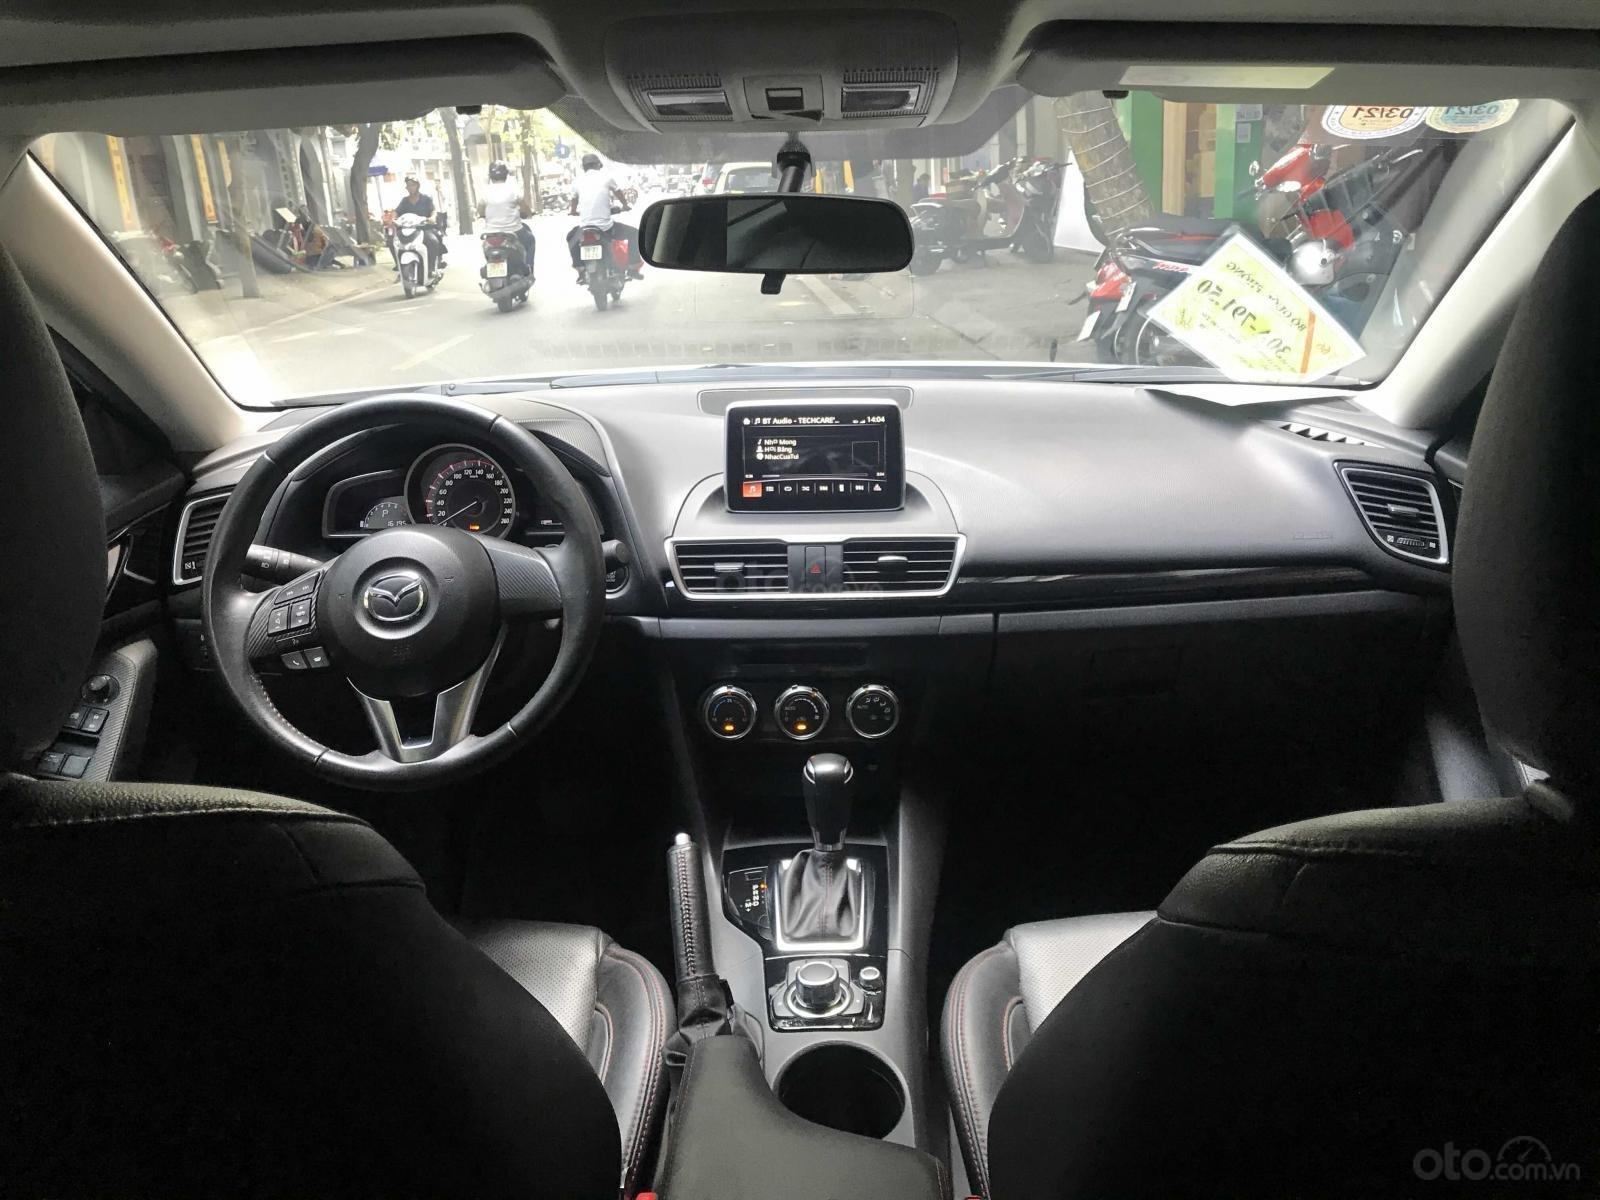 Cần bán lại xe Mazda 3 đời 2015, màu trắng xe gia đình giá tốt 575 triệu đồng (10)